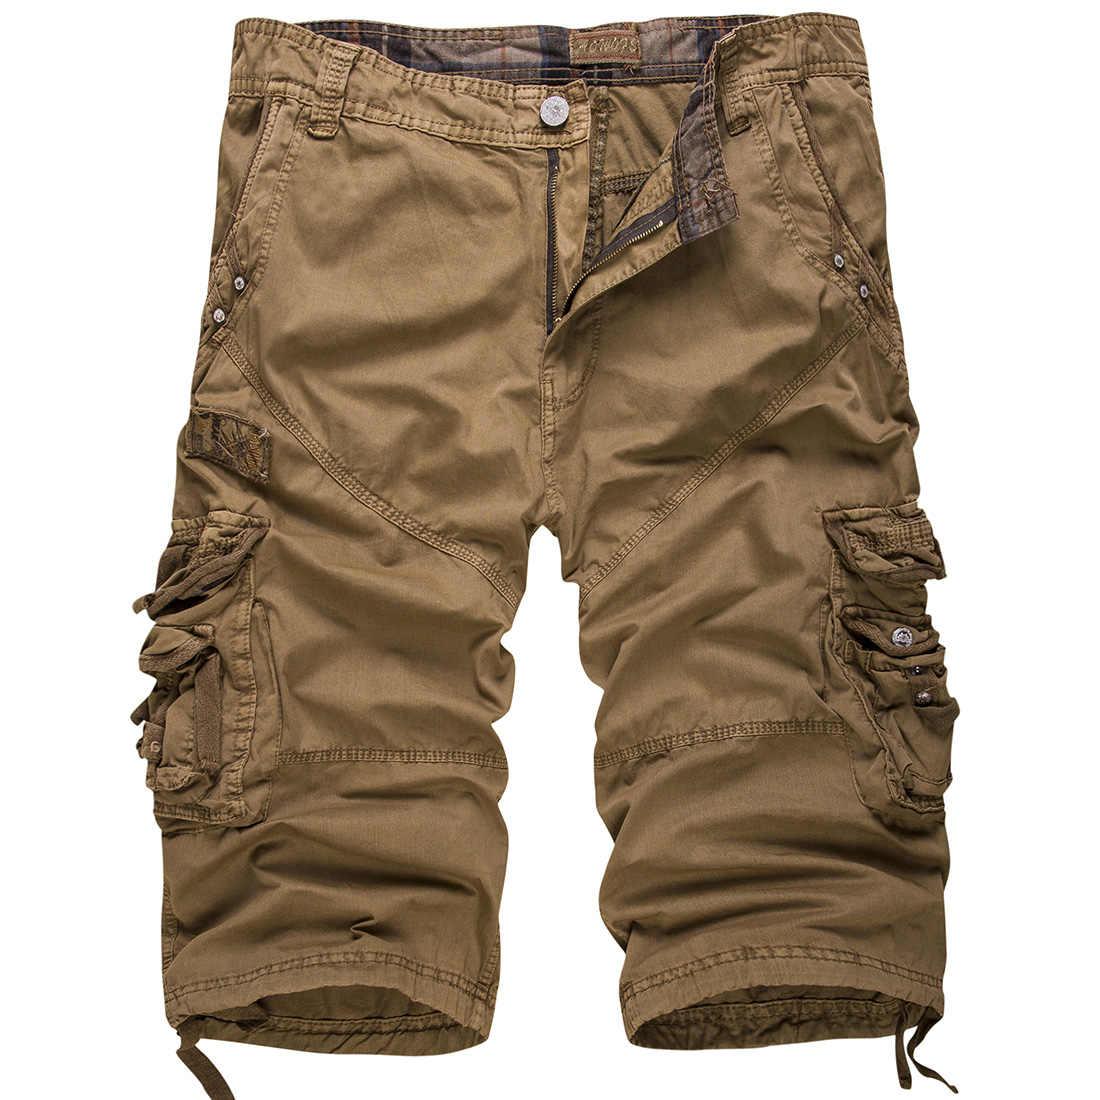 Новые хлопковые мужские повседневные шорты Свободные Большие размеры карго шорты сплошной цвет пэчворк военные шорты белые по колено тактические